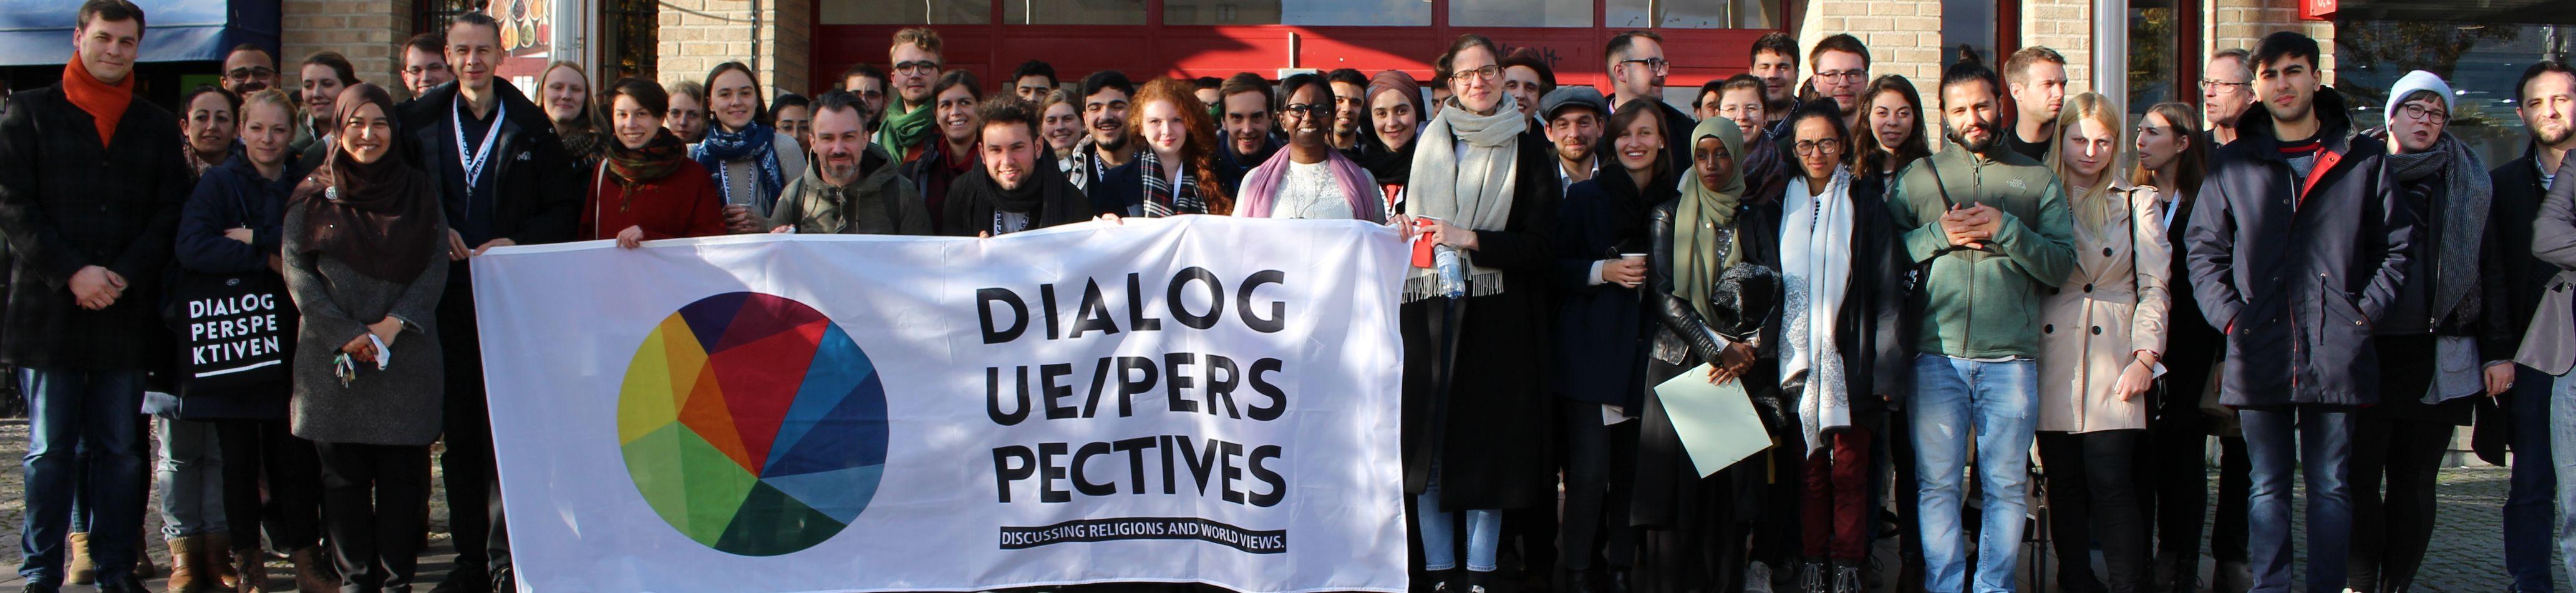 Die Dialogperspektiven beim Herbstseminar 2017 in Stockholm